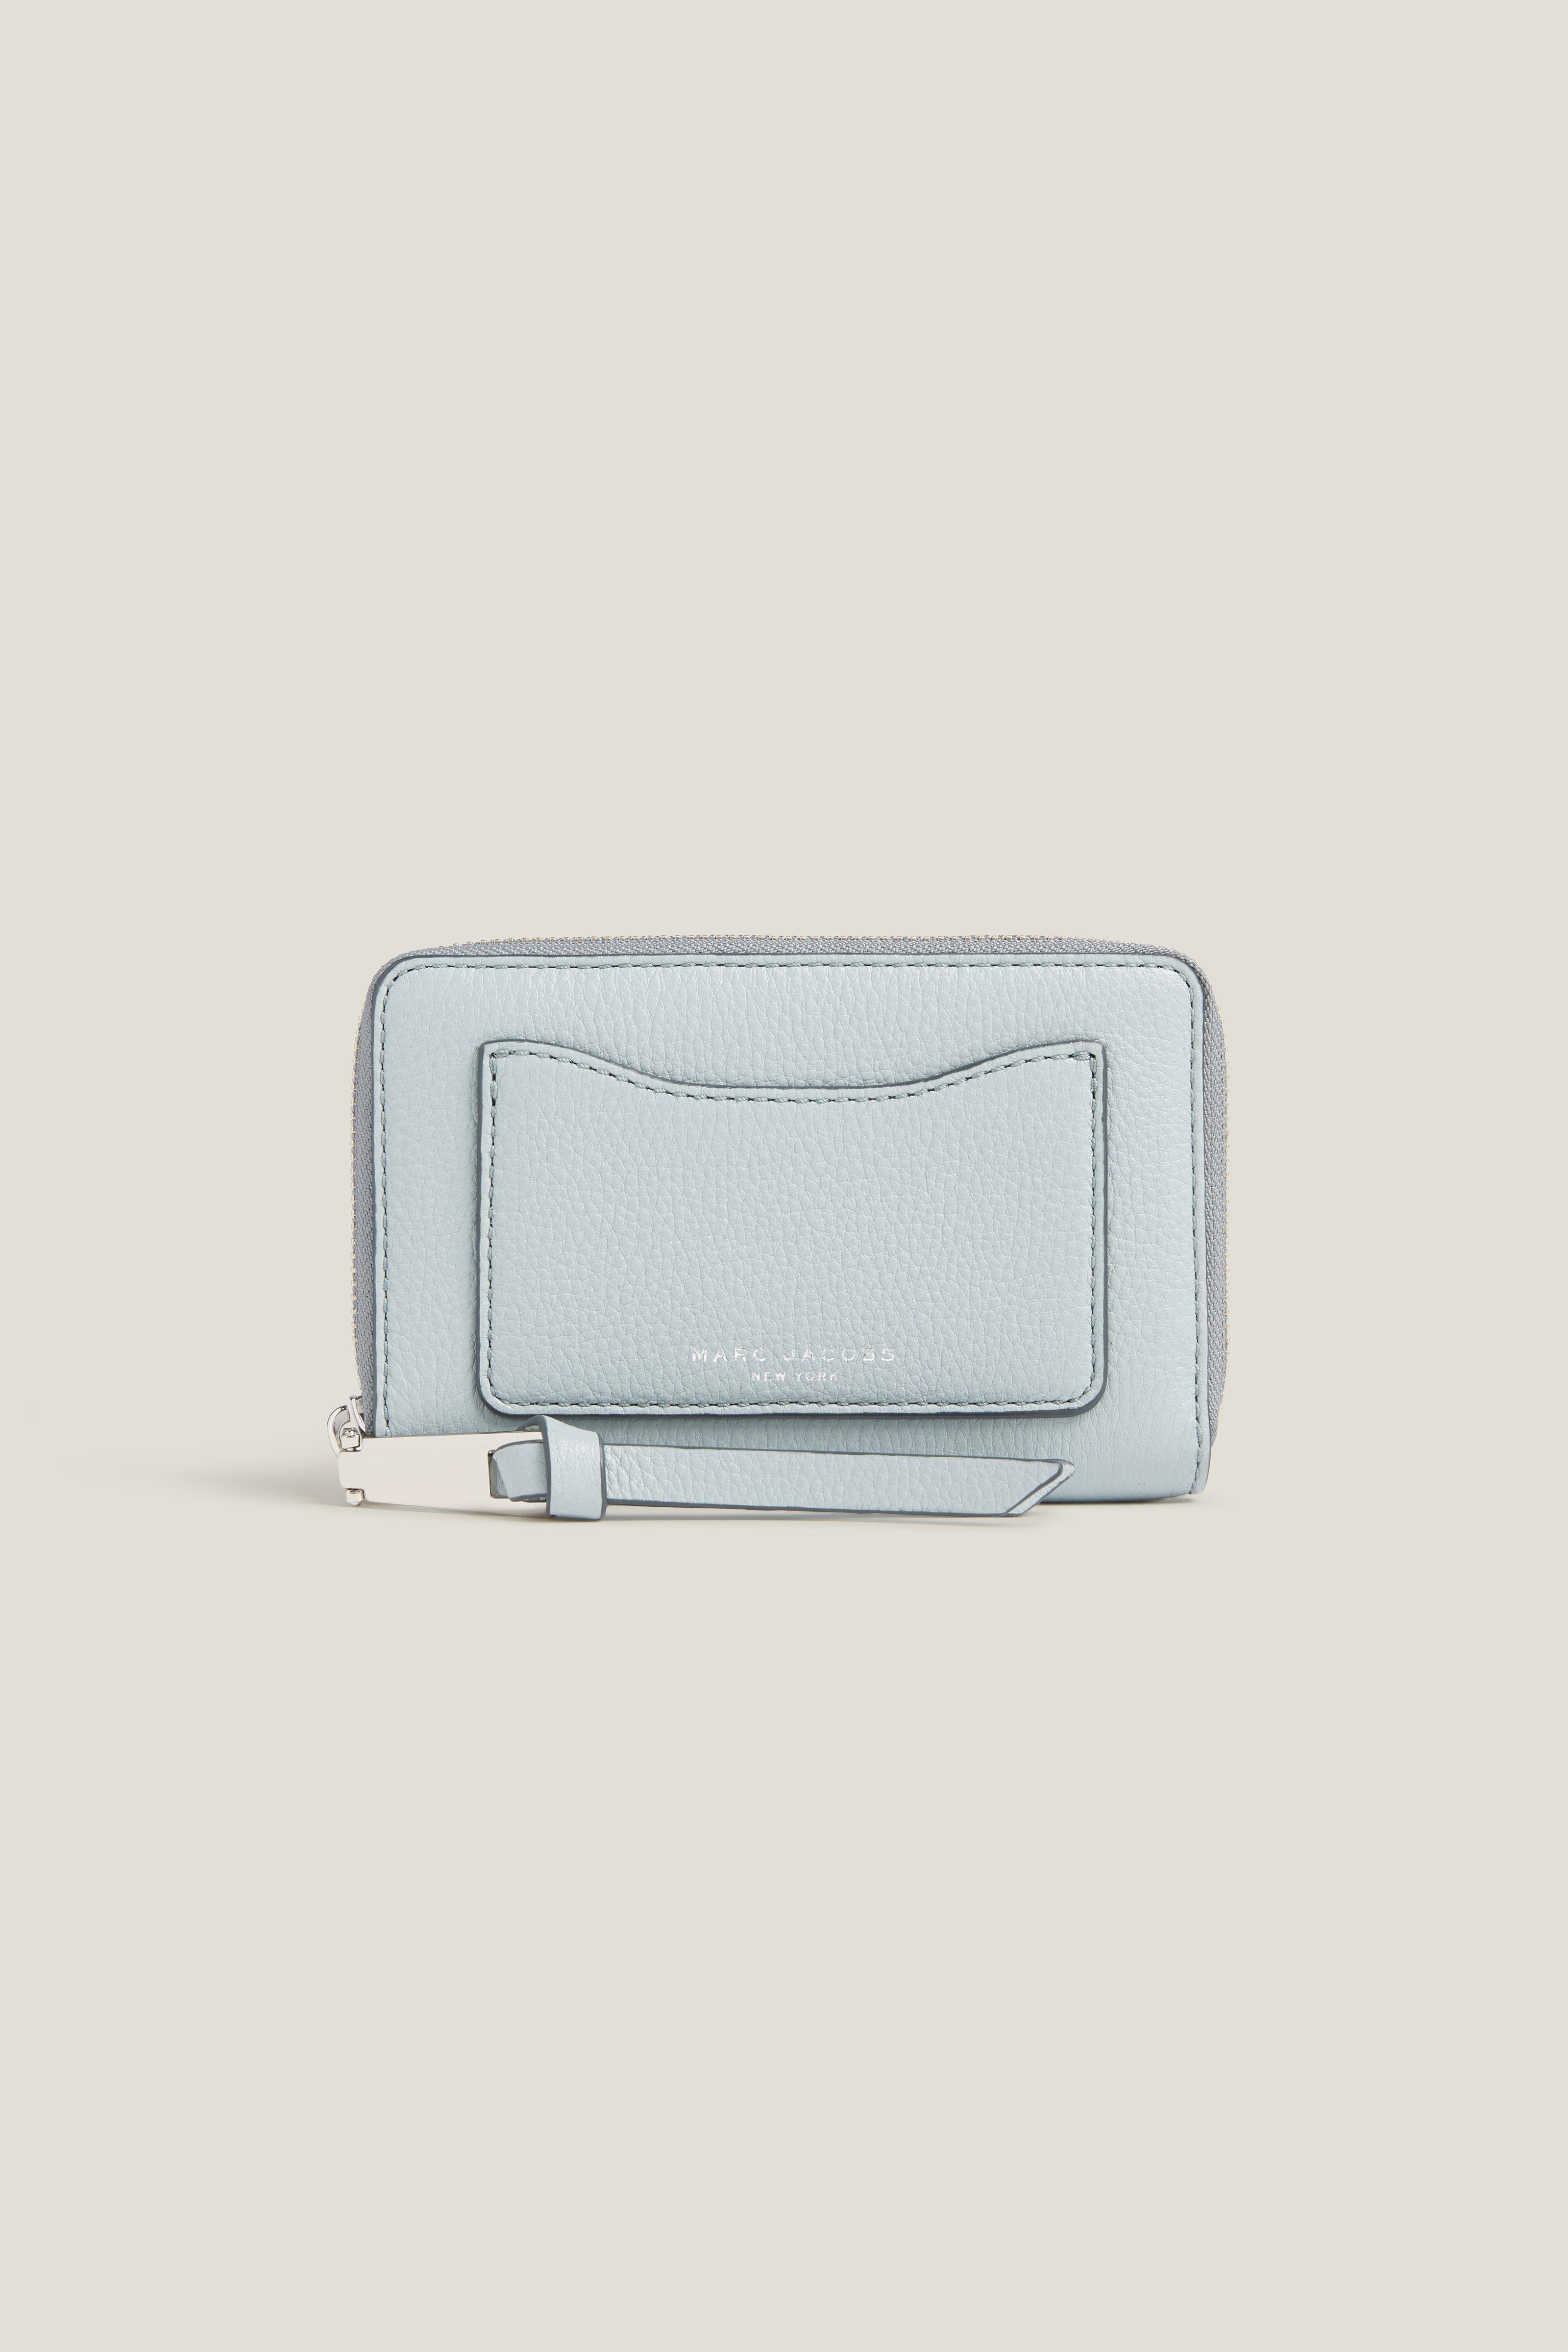 Marc Jacobs Recruit Zip Phone Wristlet In Black